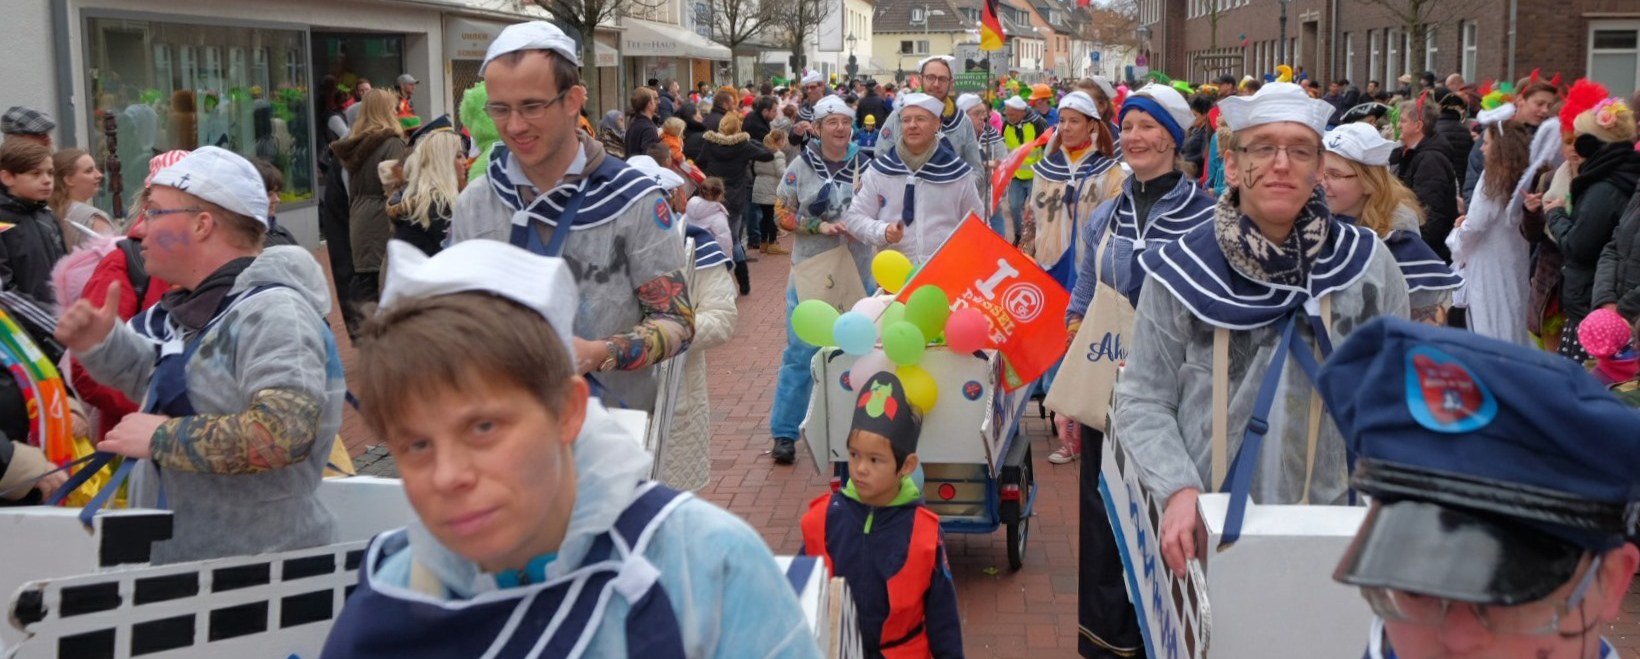 """Karnevalsgruppe """"Een Veedel Monnem am Rhing"""": Wer will mitmachen?"""